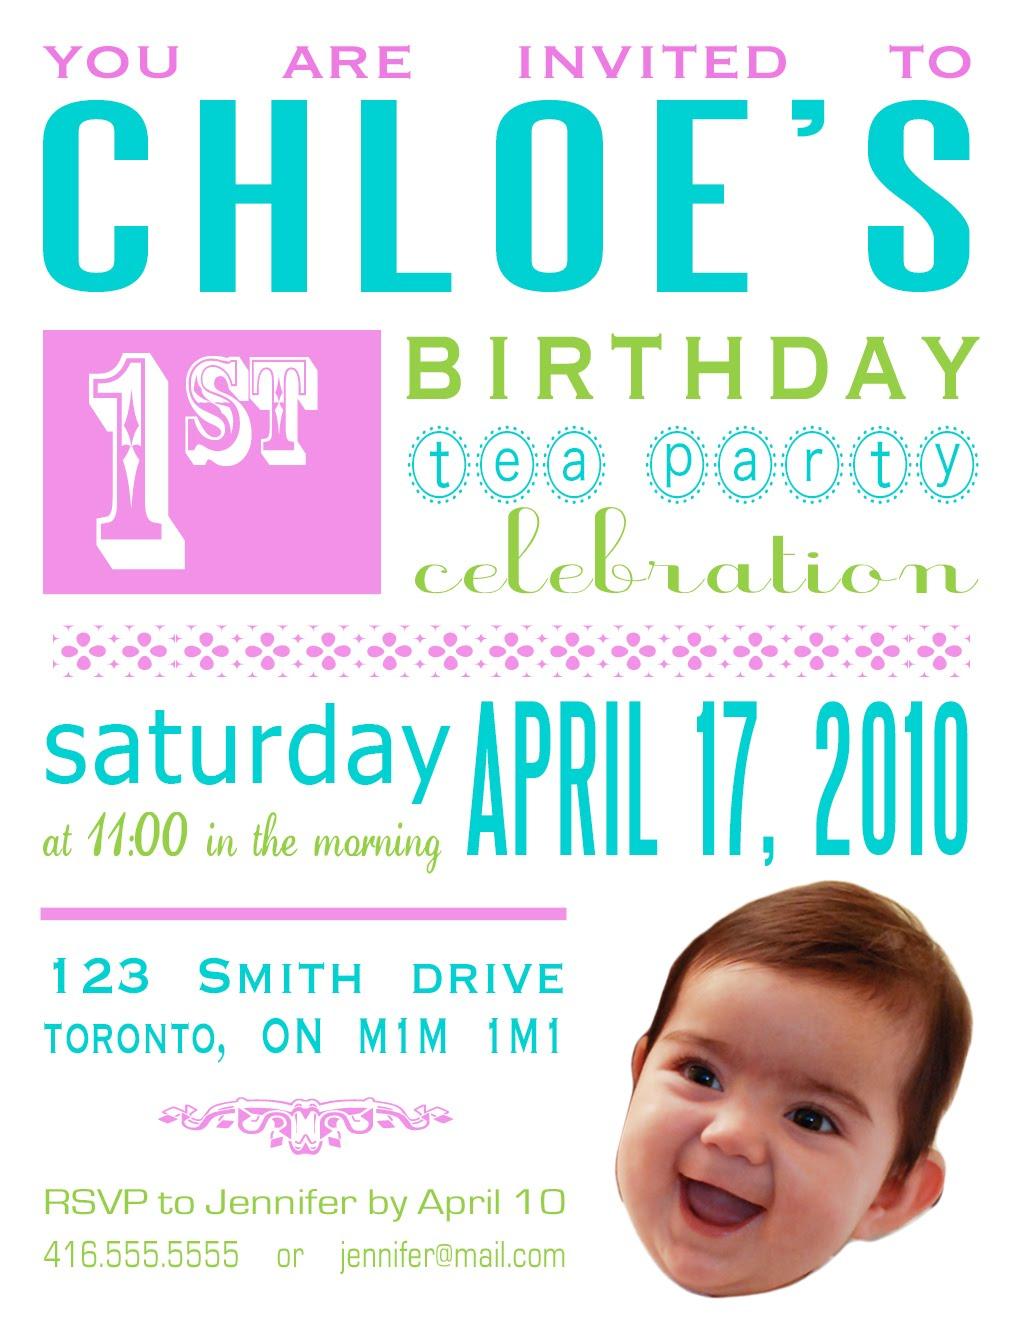 diy birthday party invitation, tea party invitation